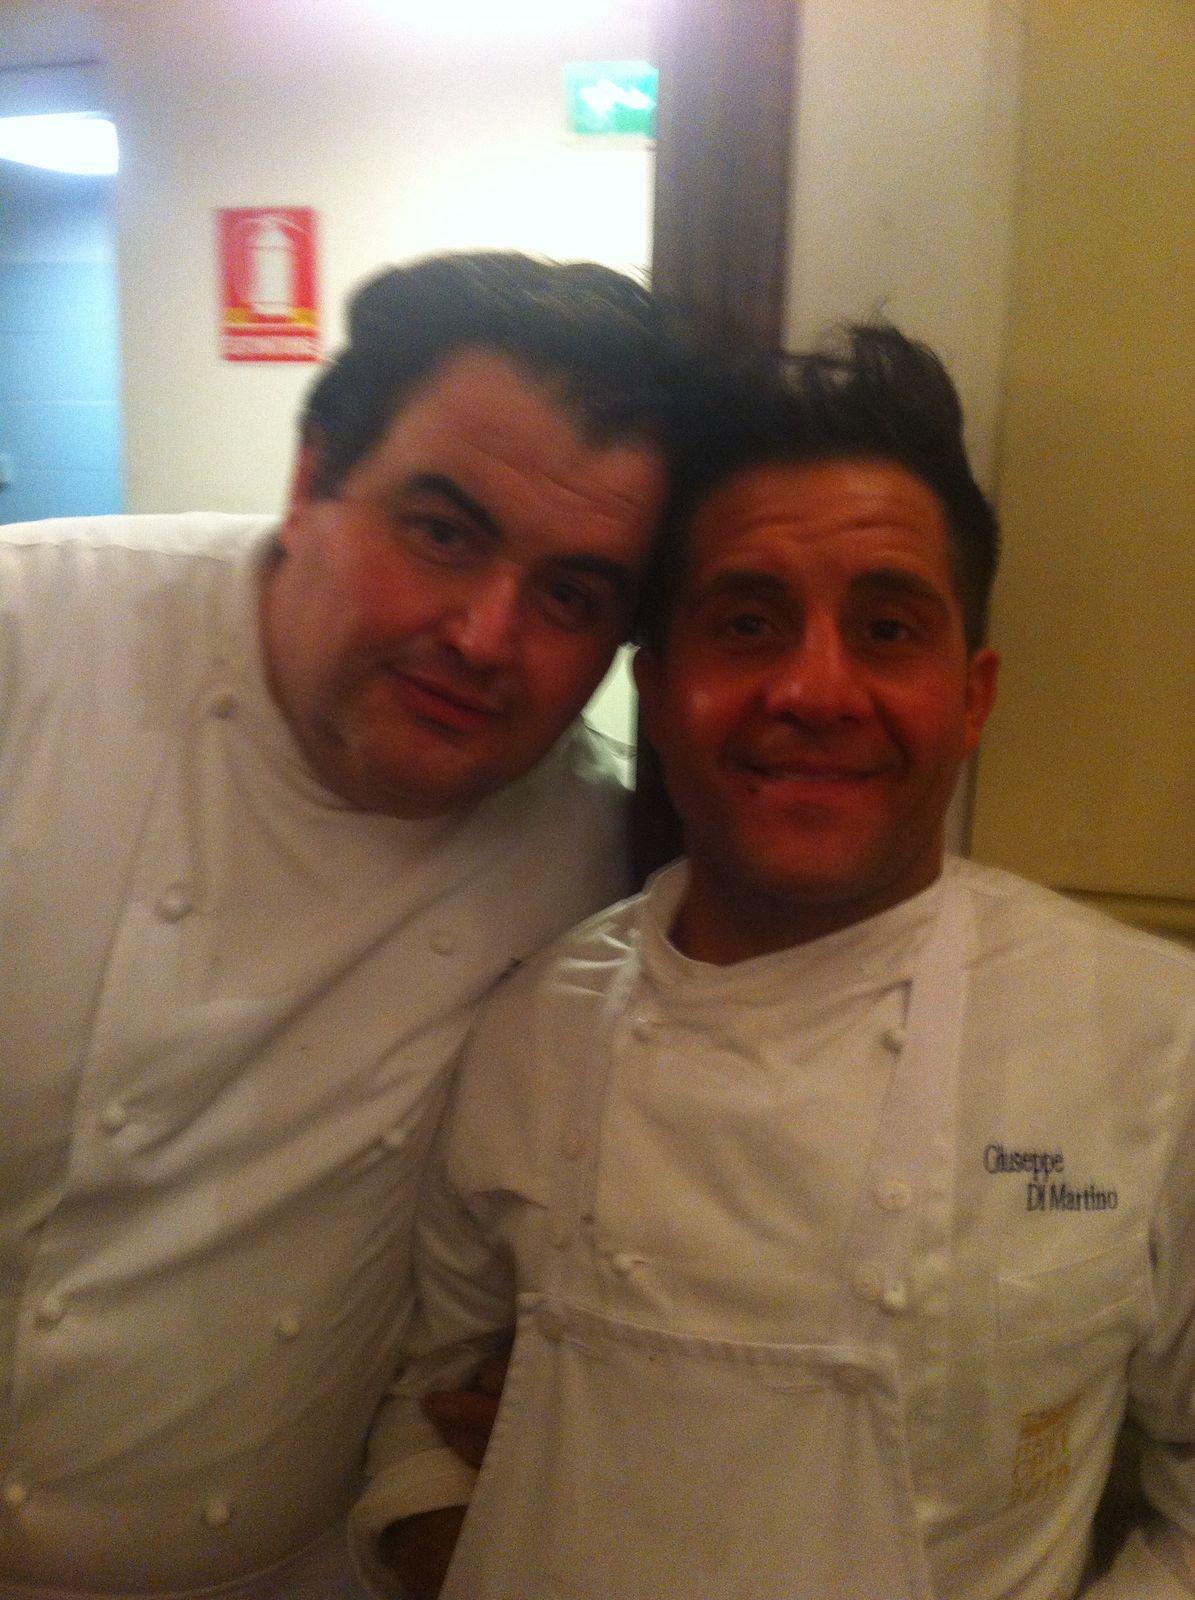 Gennaro Esposito e Giuseppe De Martino